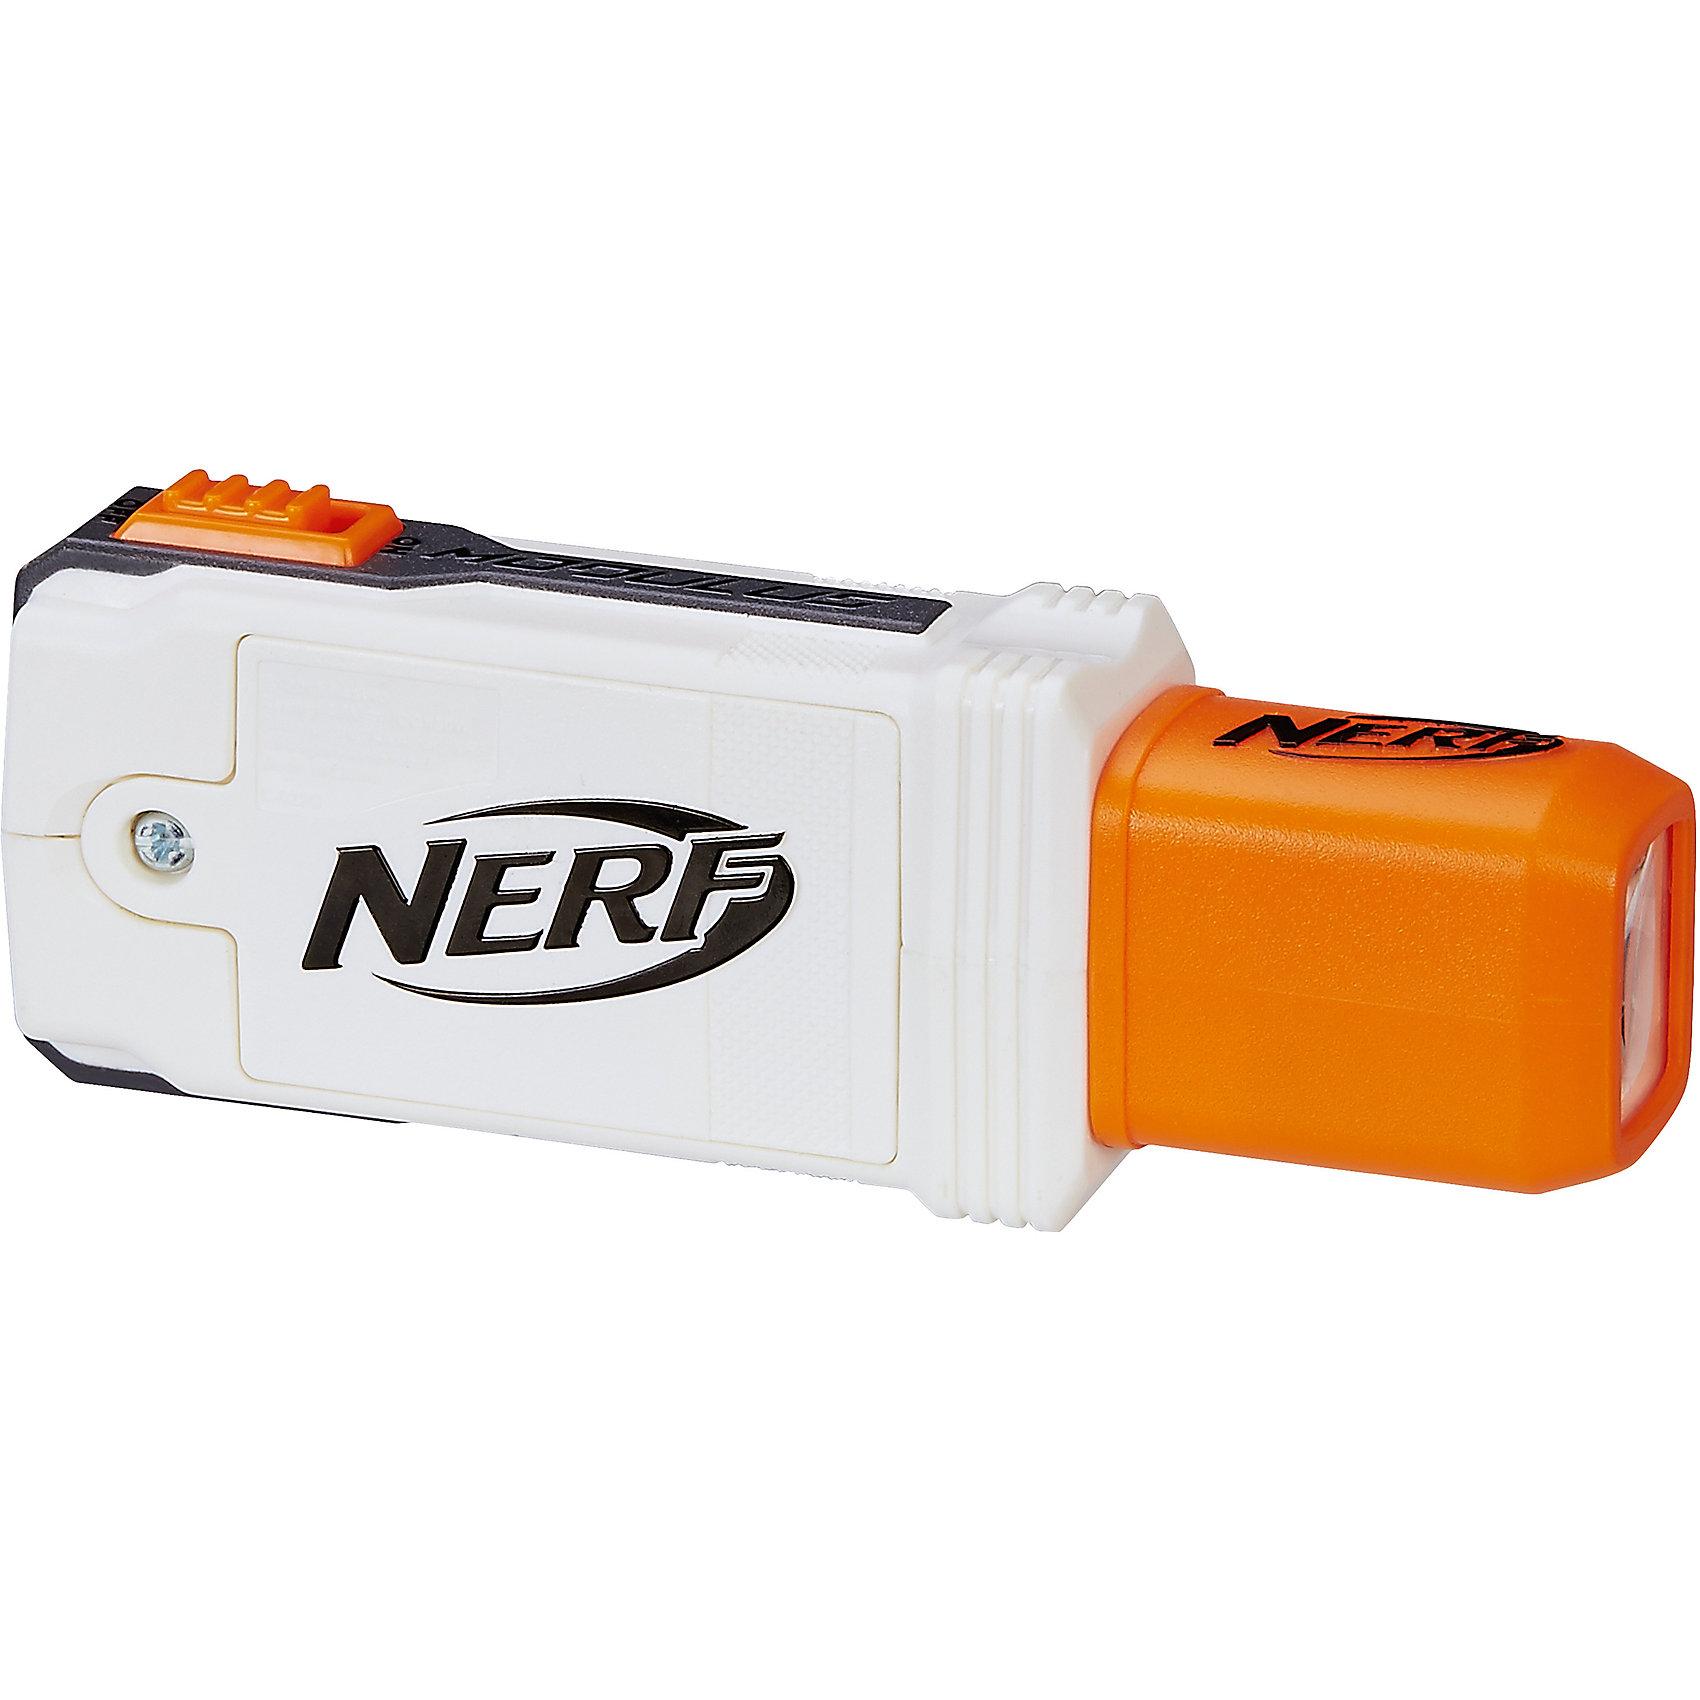 Игрушка Nerf Модулус - Тактический фонарьИгрушечное оружие<br>Характеристики товара:<br><br>• материал: пластик<br>• возраст: от 8 лет<br>• тип батареек: 3 x AAA / LR0.3 1.5 (мизинчиковые)<br>• наличие батареек: не входят в комплект<br>• размер игрушки: 13x5x3 см<br>• вес: 160 г<br>• размер упаковки: 18x5x23 см<br>• страна бренда: США<br>• страна производства: Китай<br><br>С таким аксессуаром легче будет найти свою цель в сумерках и в темноте. Тактический фонарь легко крепится на специальной рейке бластера и так же легко отсоединяется.<br><br>Аксессуары, NERF Modulus, от известного бренда Hasbro можно купить в нашем интернет-магазине.<br><br>Ширина мм: 236<br>Глубина мм: 182<br>Высота мм: 48<br>Вес г: 165<br>Возраст от месяцев: 96<br>Возраст до месяцев: 156<br>Пол: Унисекс<br>Возраст: Детский<br>SKU: 5473697